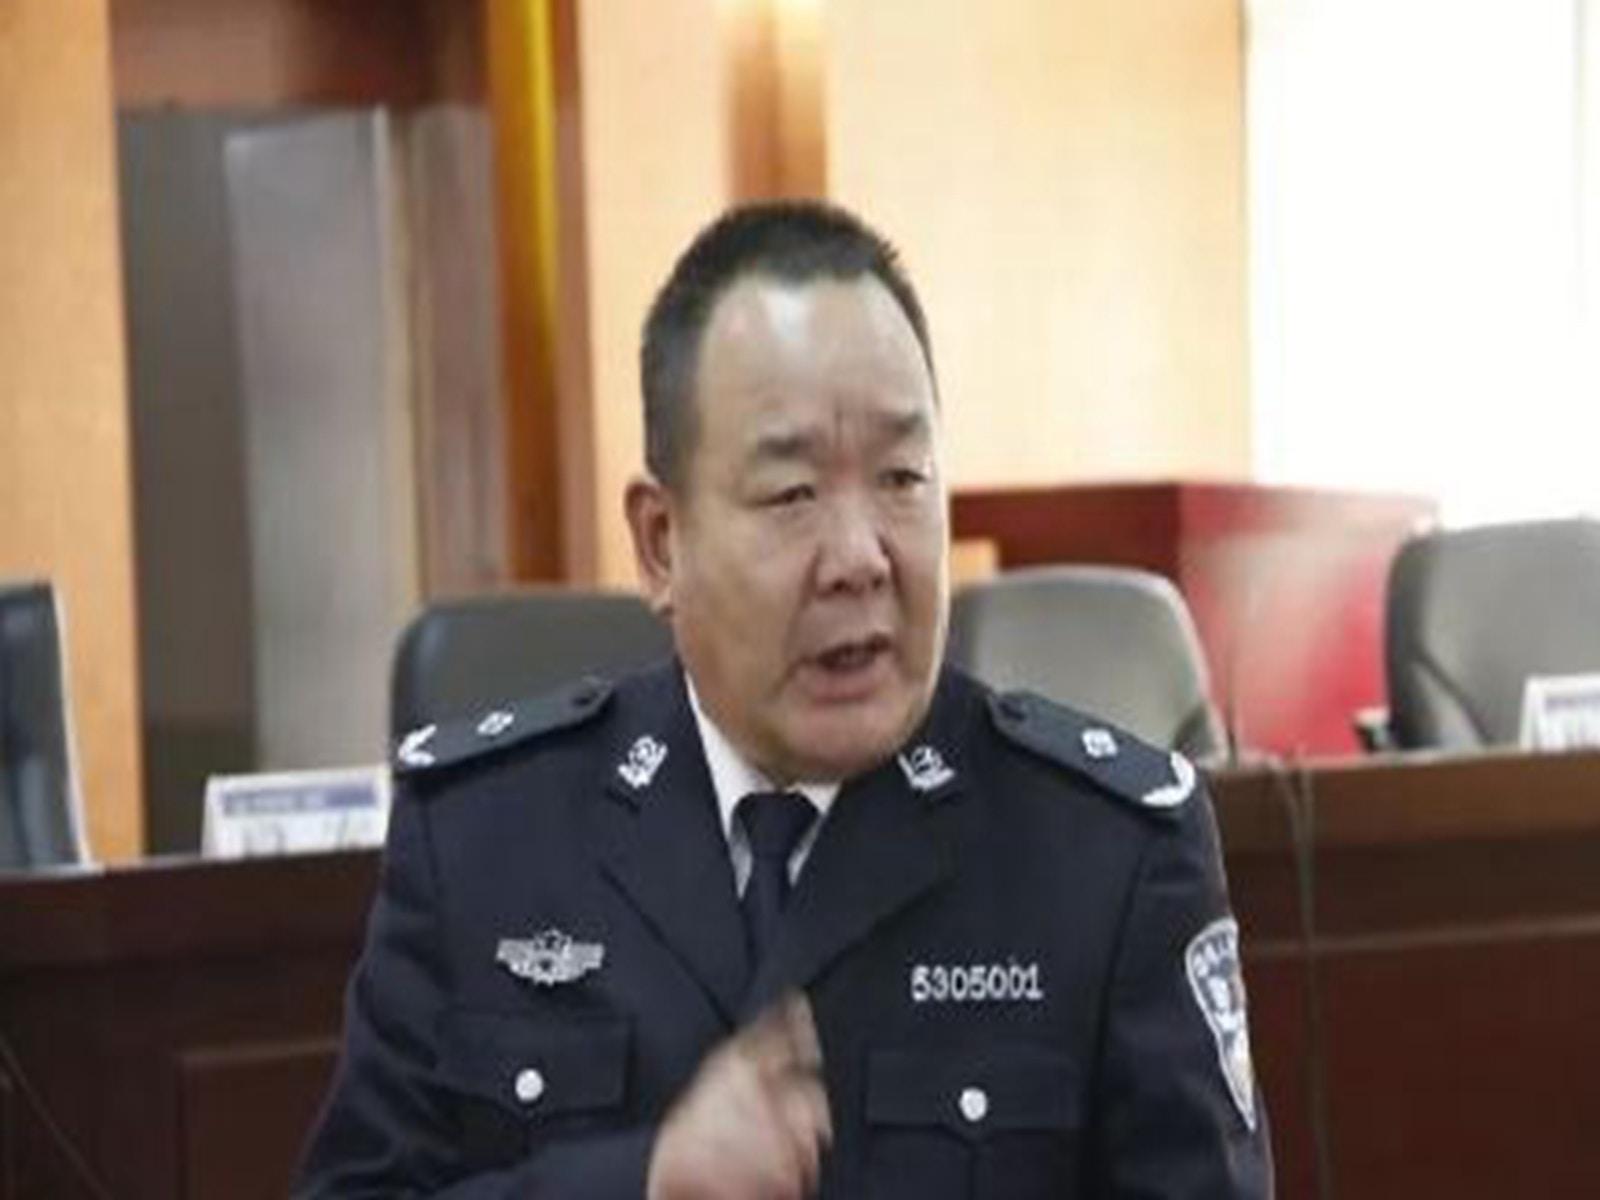 孙小果案开始收网 云南省第一监狱狱长落马